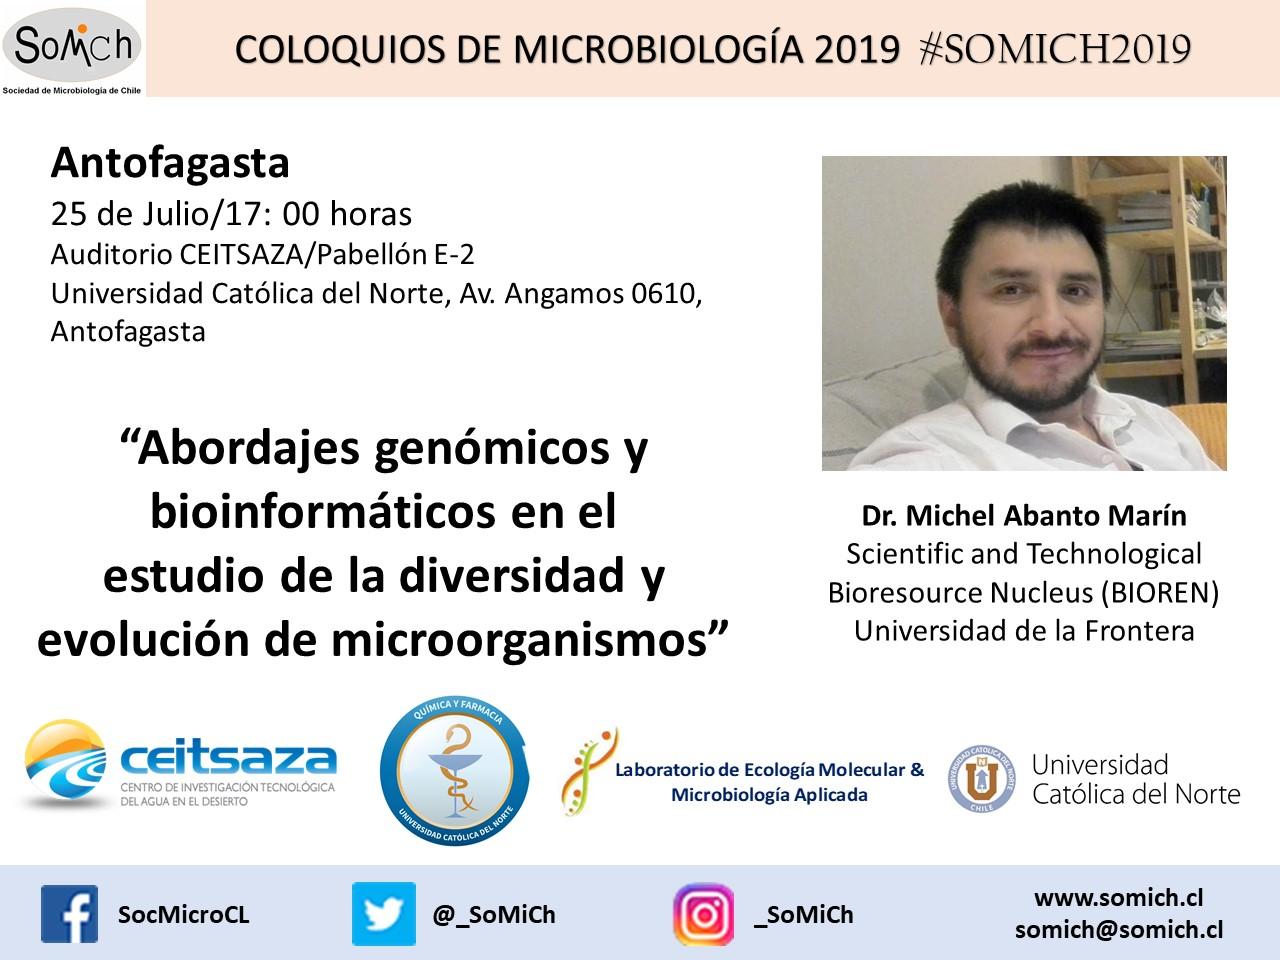 """<strong><span style=""""color: #ff6600;"""" class=""""title-evn"""">COLOQUIO ANTOFAGASTA:</span></strong> <span>""""Abordajes genómicos y bioinformáticos en el estudio de la diversidad y evolución de microorganismos""""</span> @ Auditorio CEITSAZA/Pabellón E-2, Universidad Católica del Norte"""